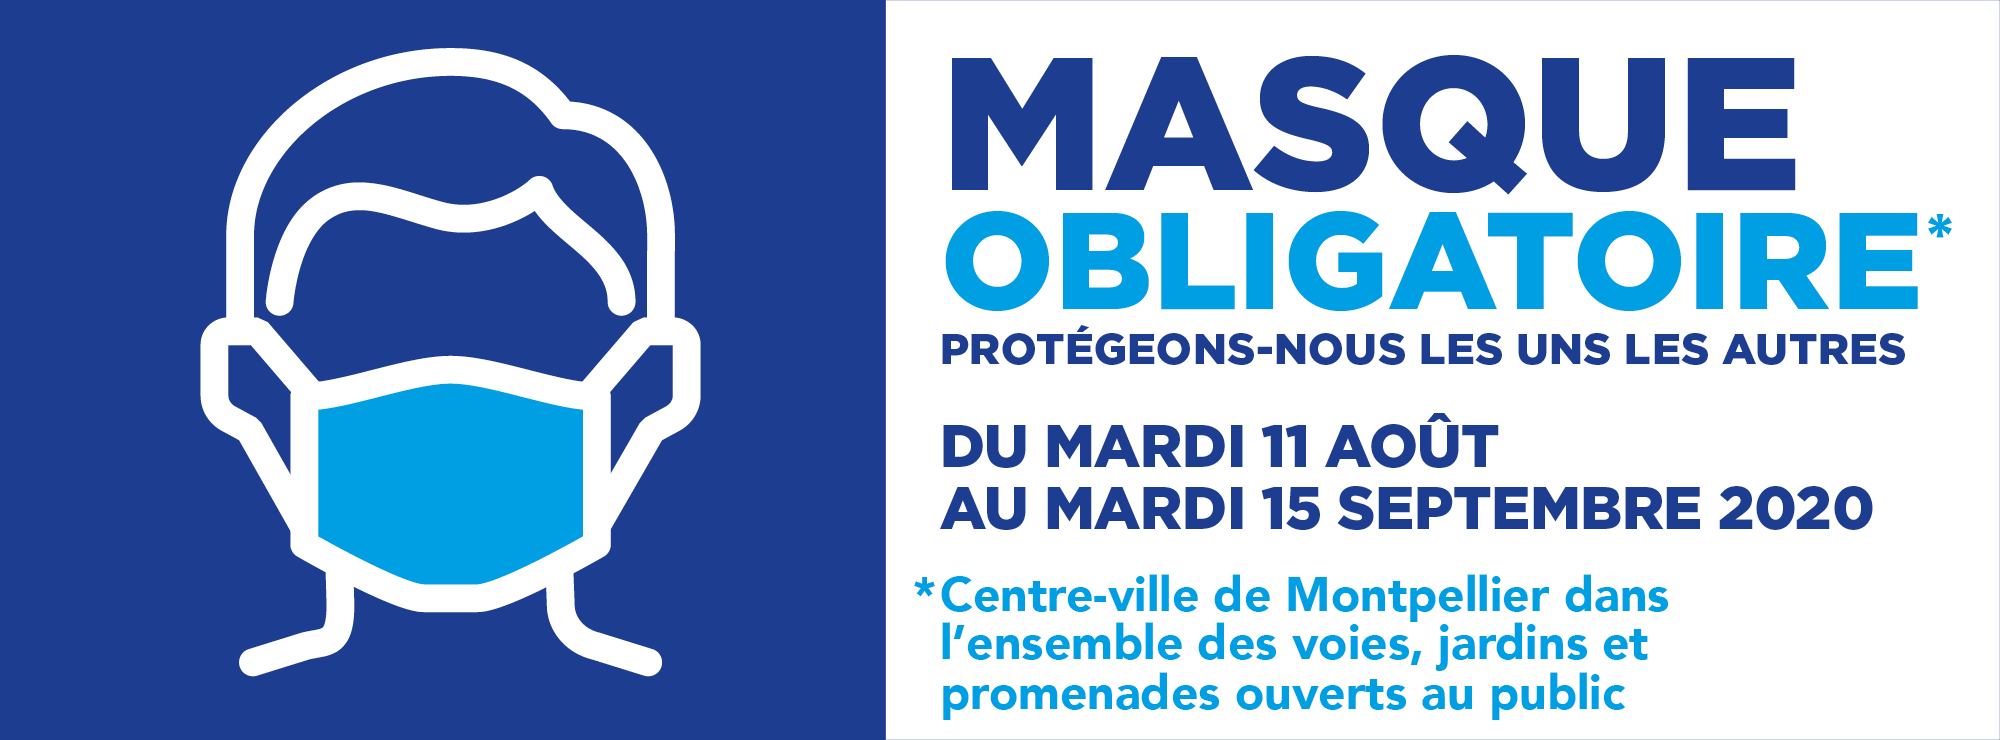 Port du masque obligatoire du mardi 11 aout au mardi 15 septembre dans le centre ville de Montpellier et dans les allées d'Odysseum.